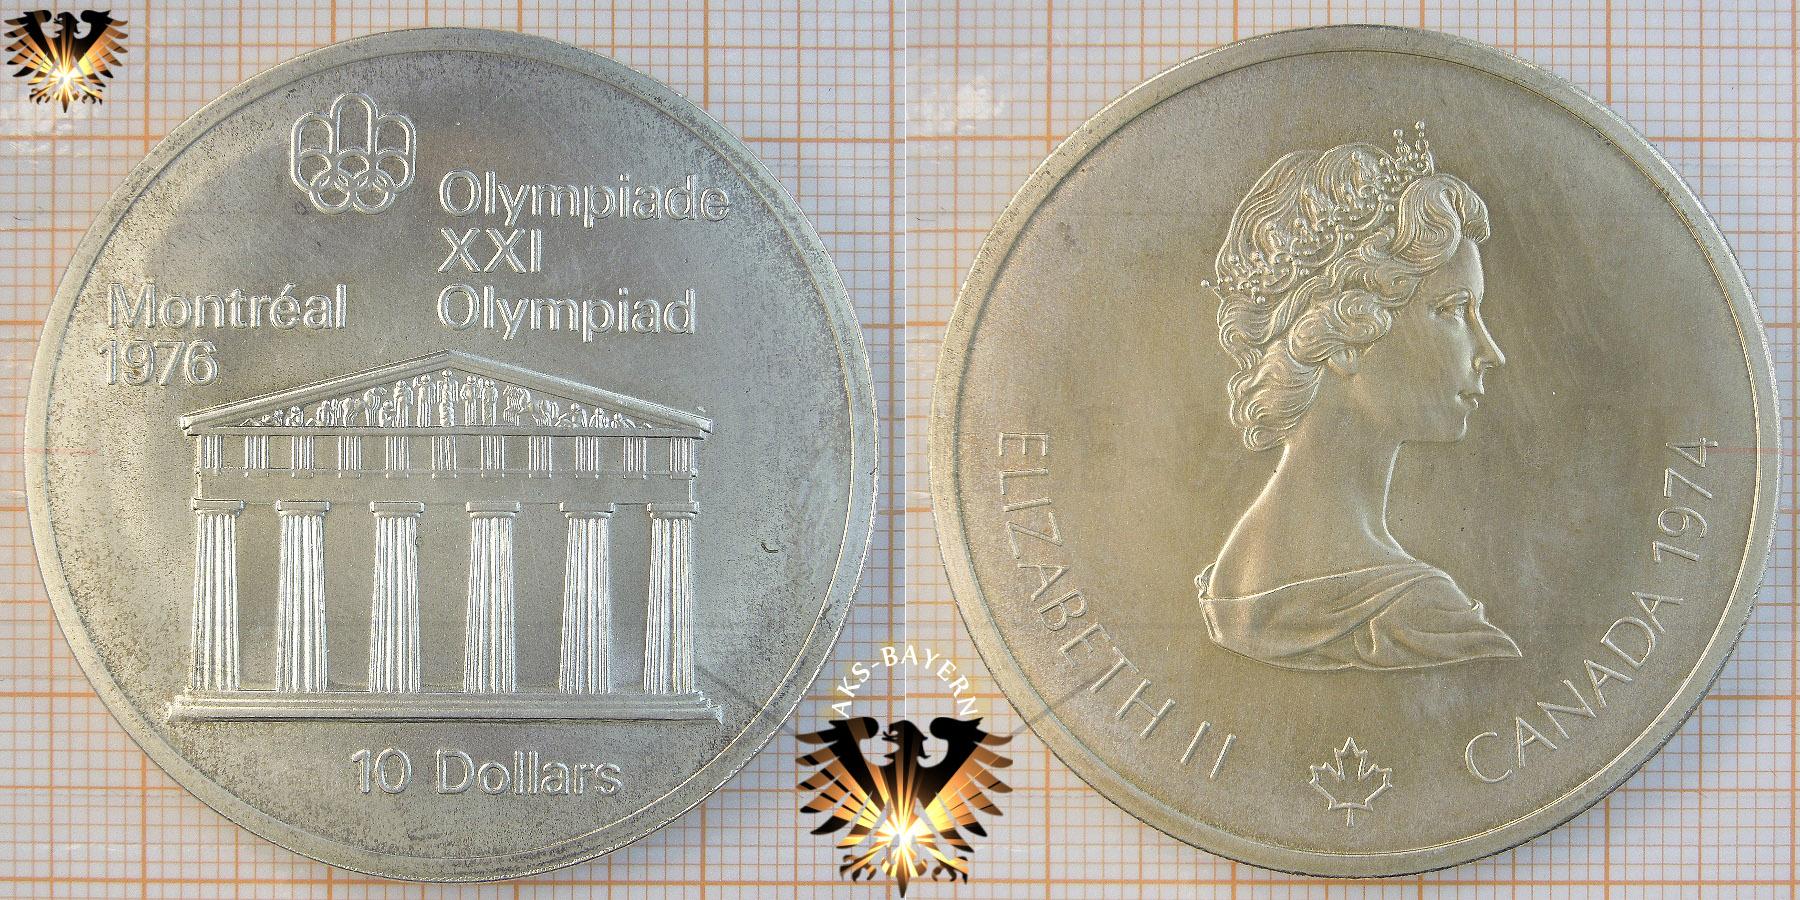 10 Dollars Canada 1974 Elizabeth Ii Xxi Olympiad Montréal 1976